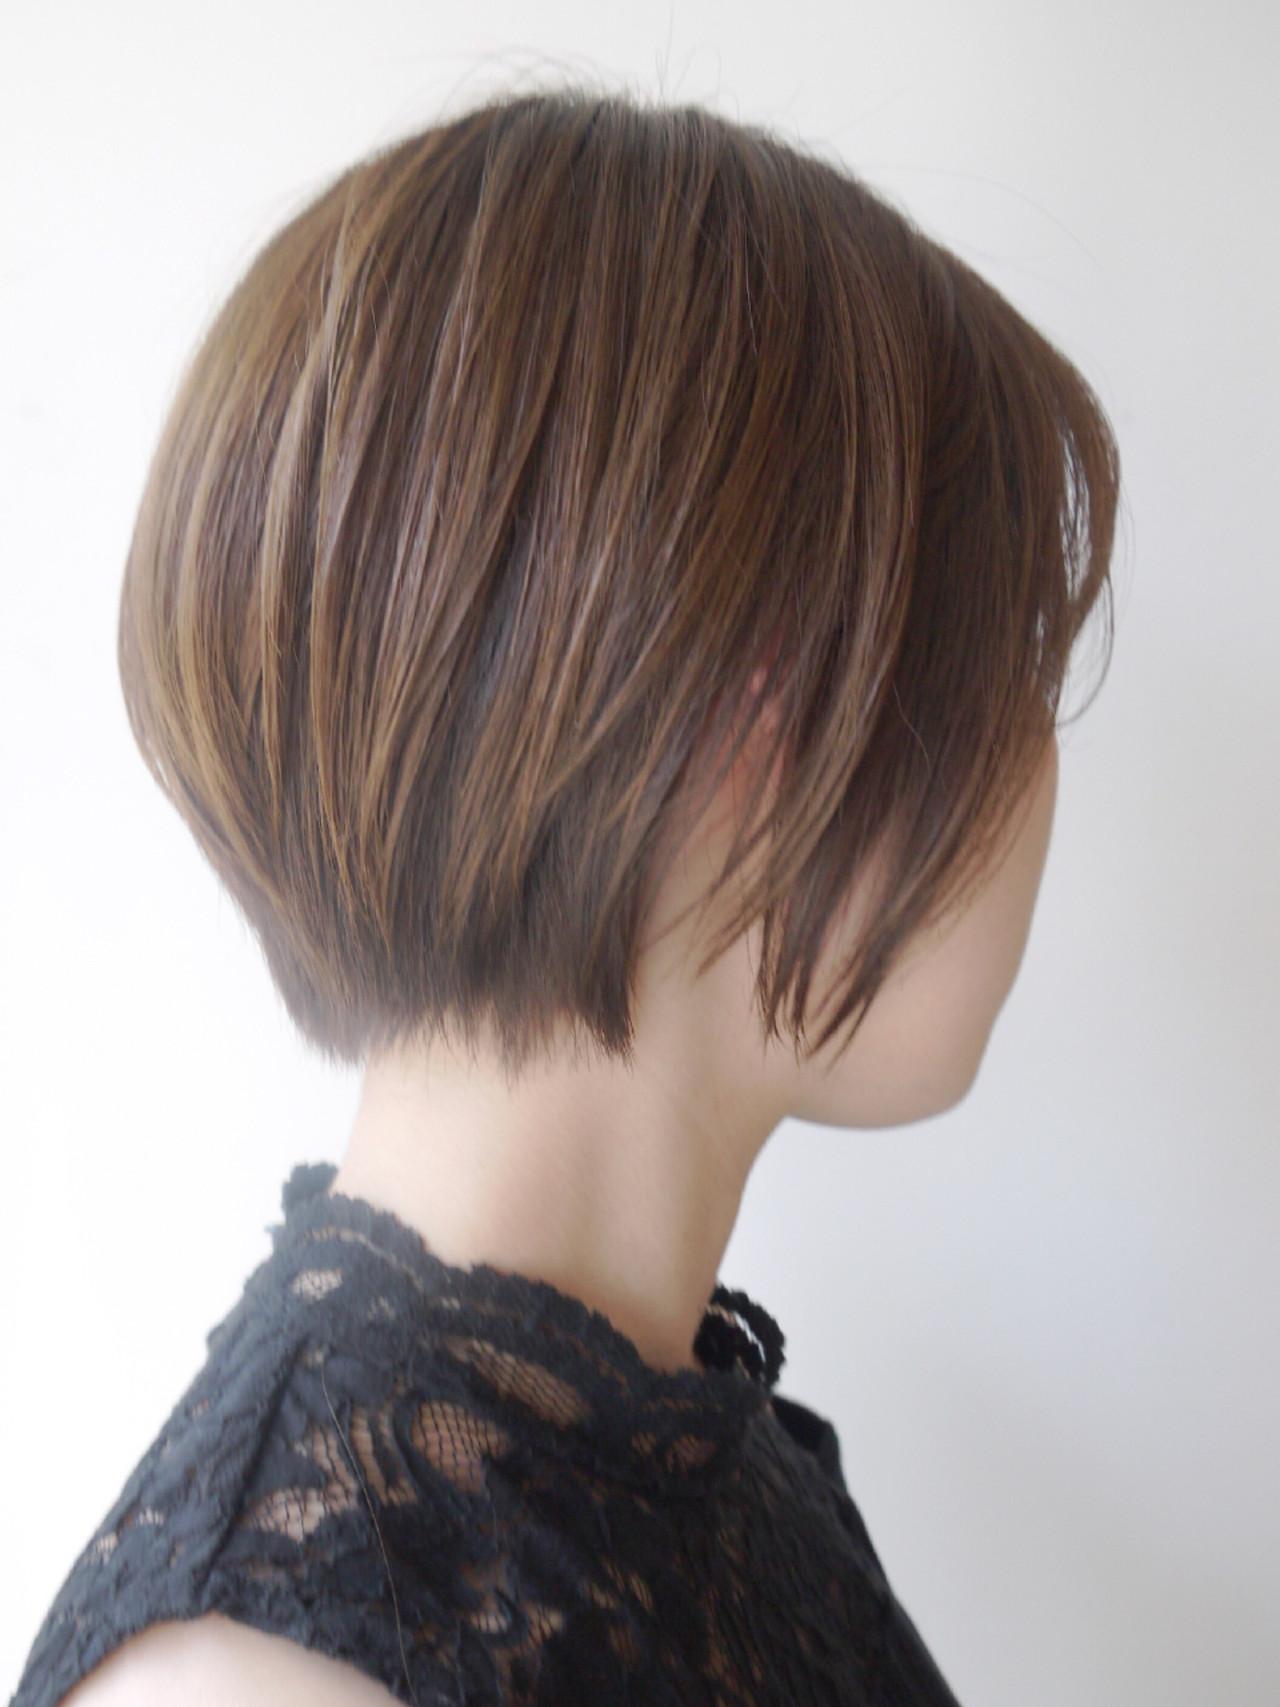 ショート 似合わせ 小顔 コンサバヘアスタイルや髪型の写真・画像